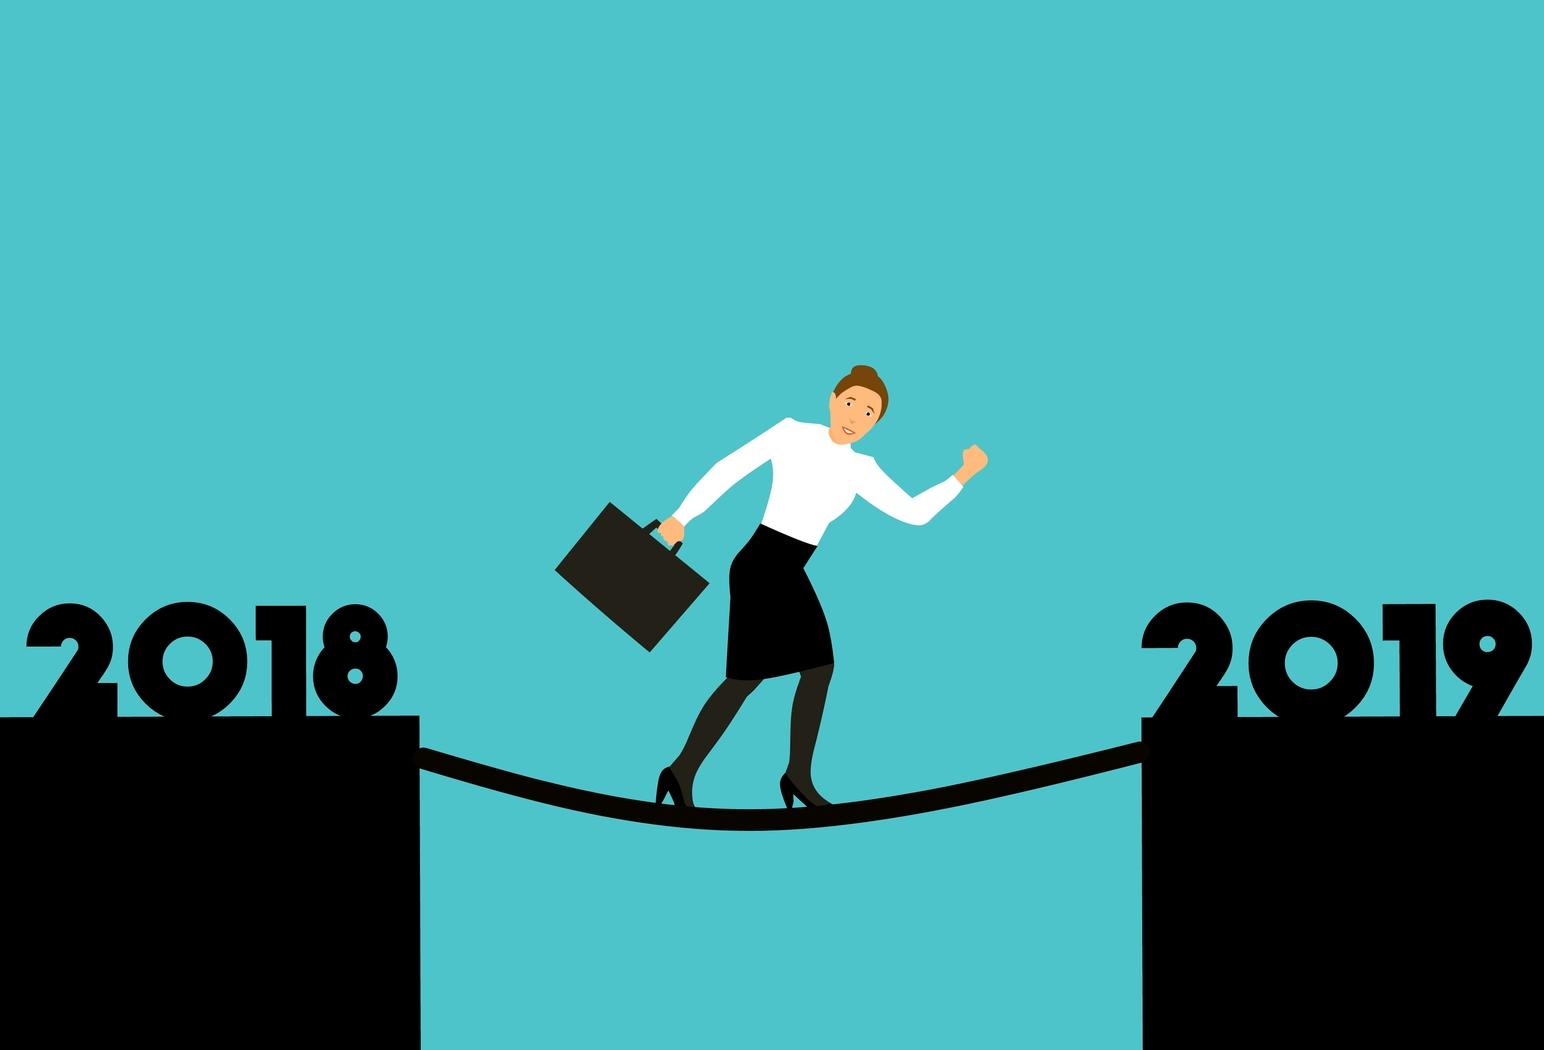 Aeat Calendario Del Contribuyente 2019.Publicado El Calendario Del Contribuyente 2019 Albacar